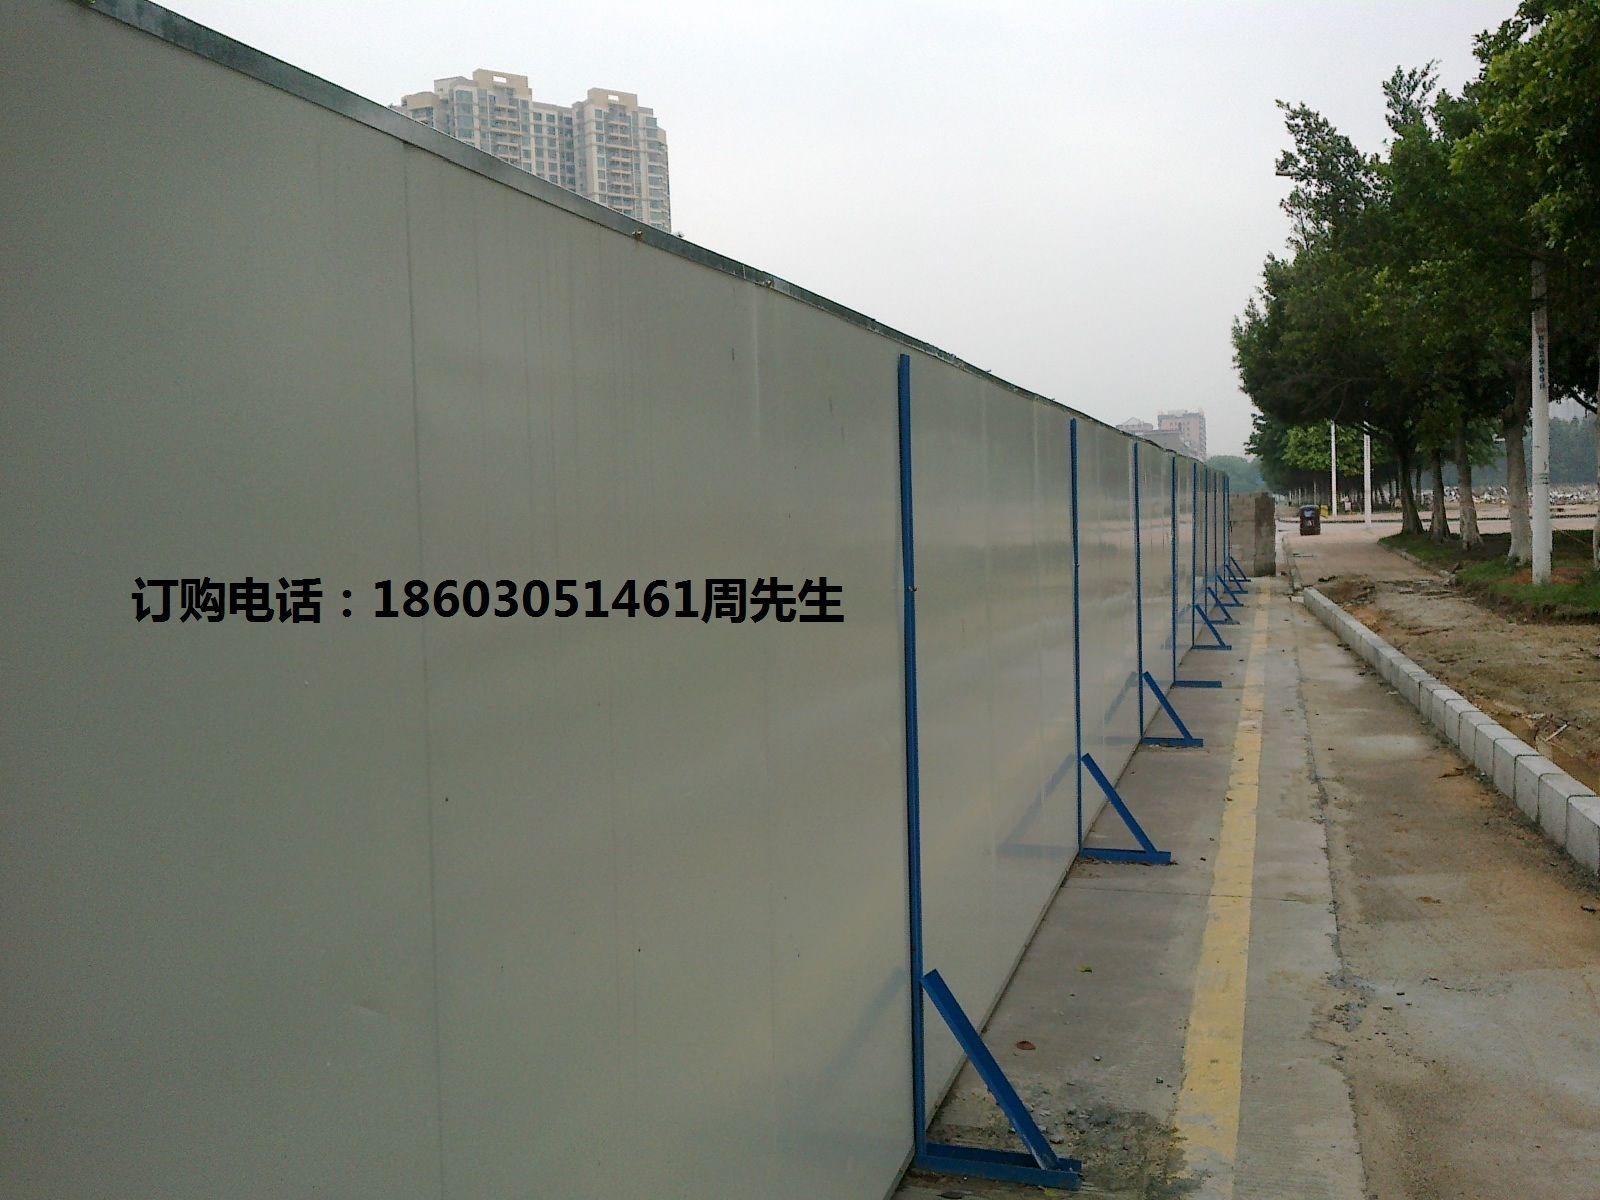 围墙|活动围挡|彩钢围挡|彩钢围墙|工地施工临时围挡